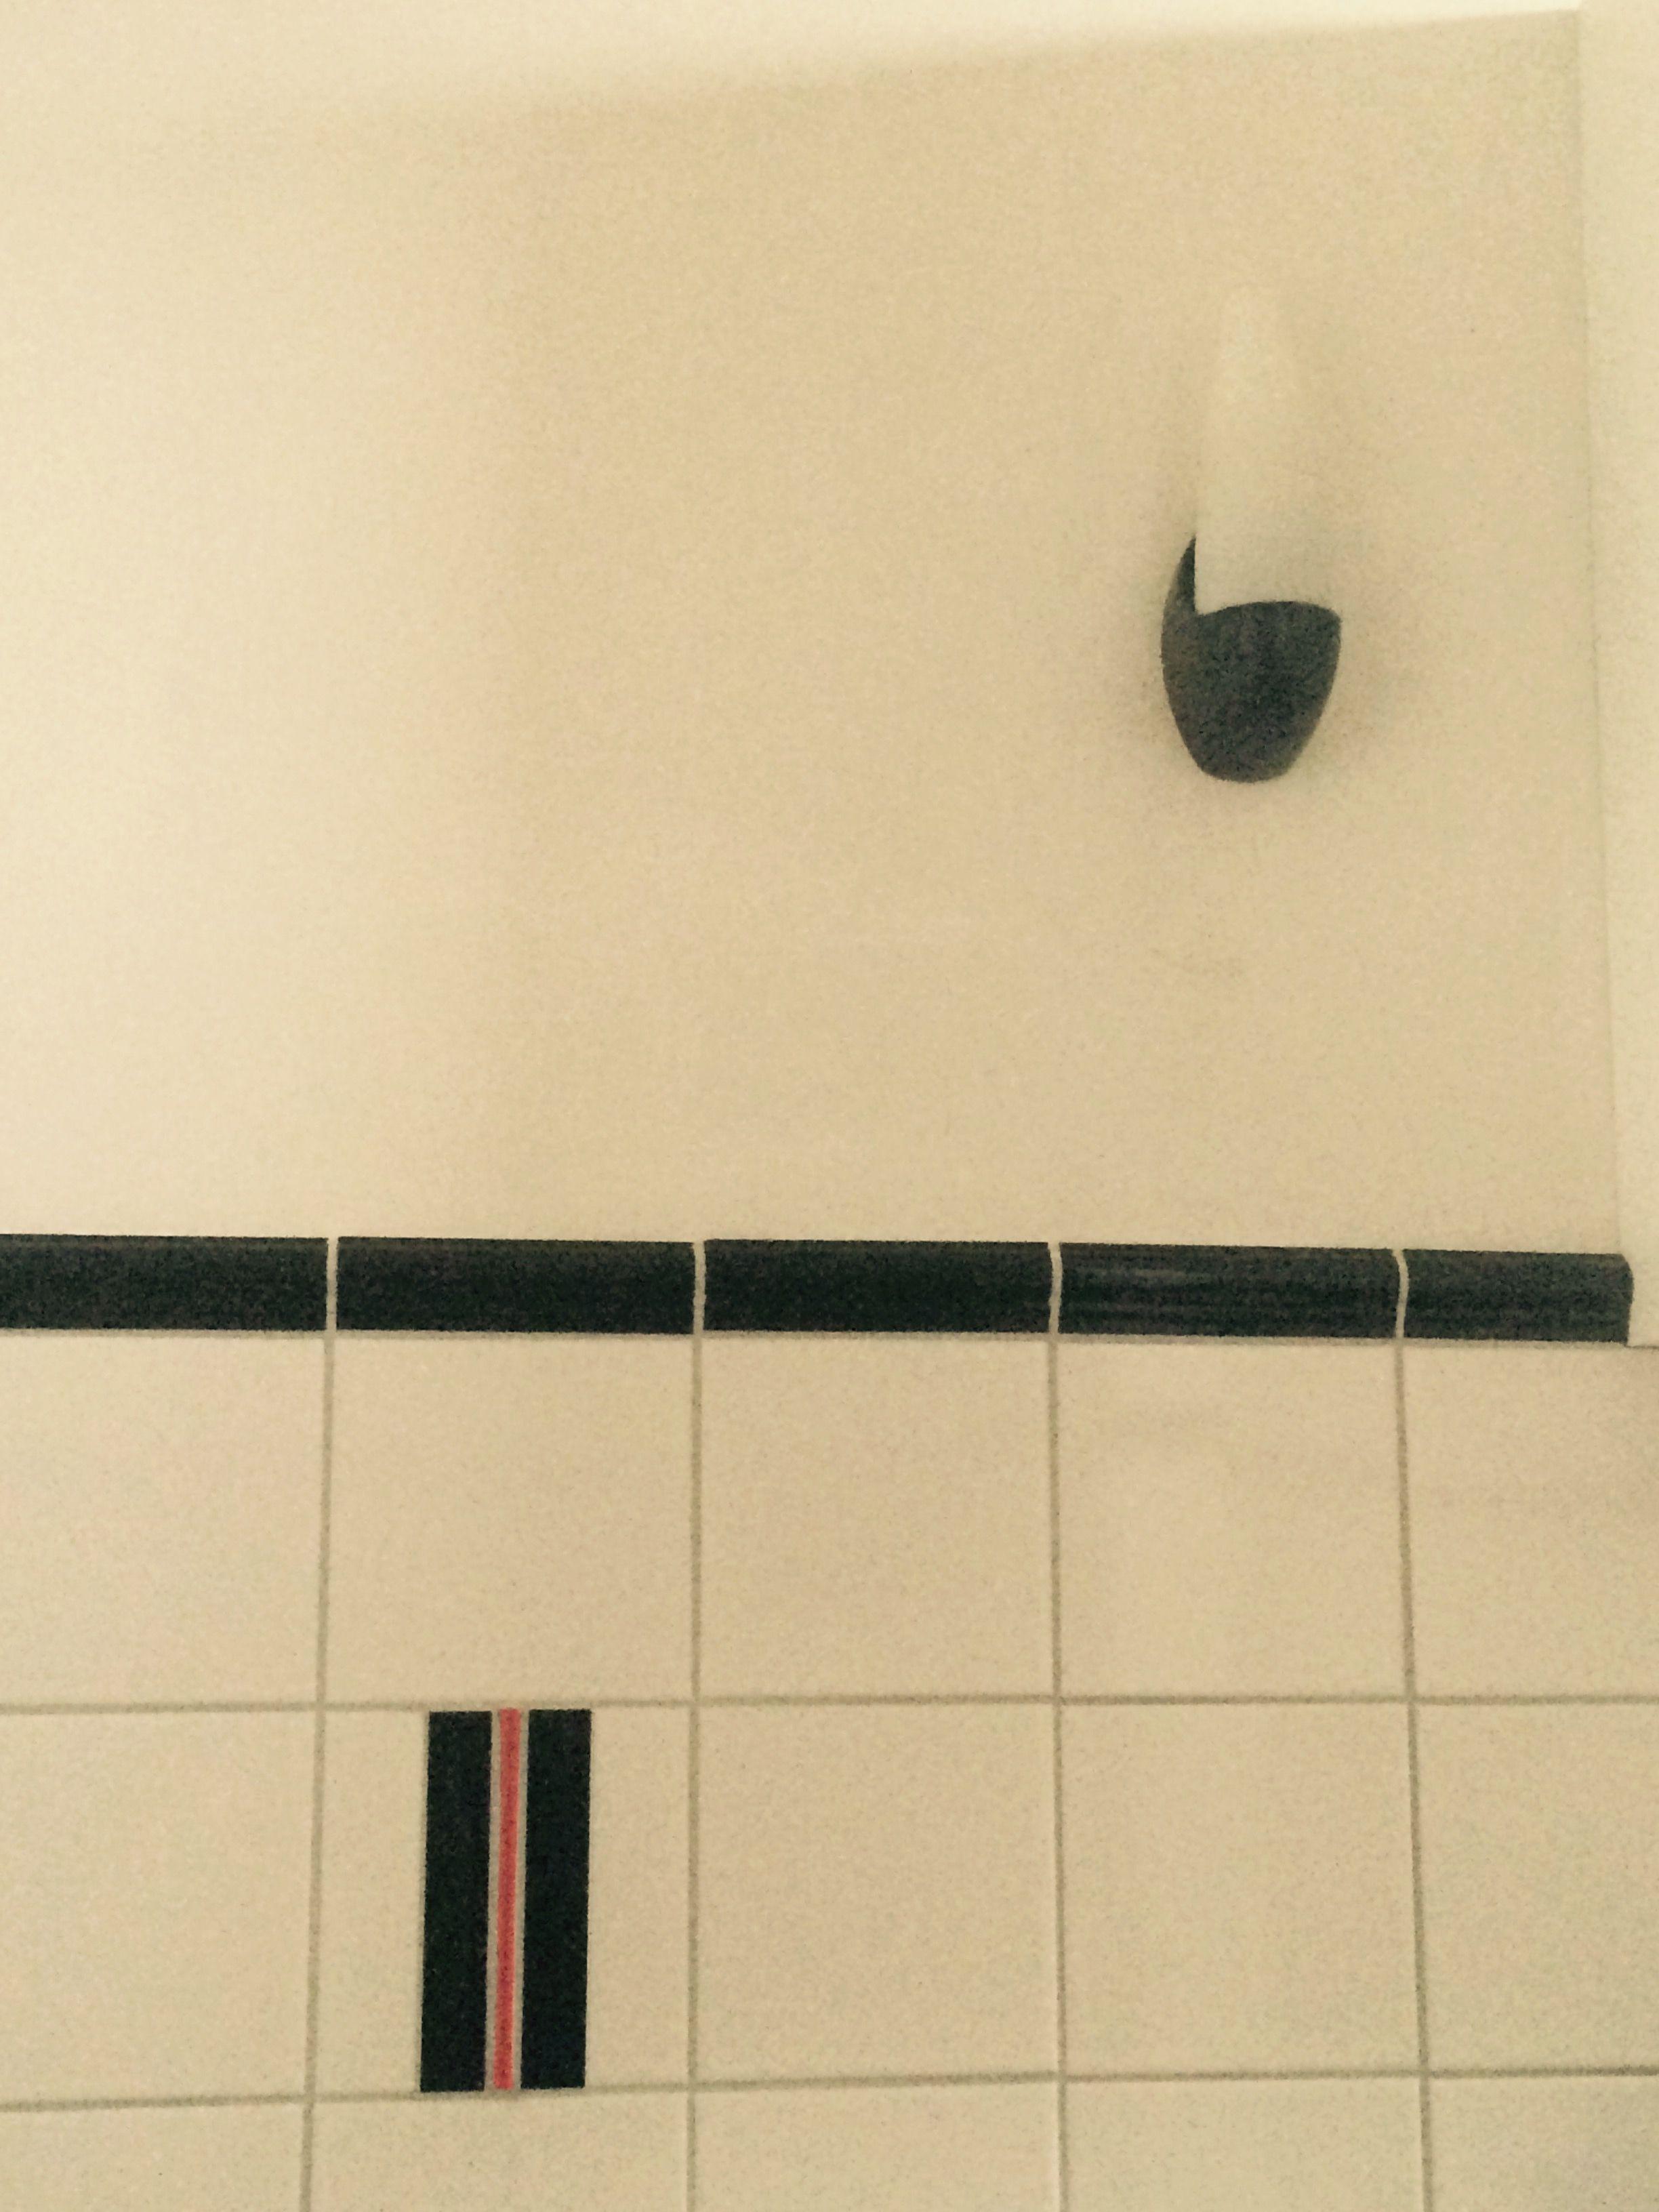 Onze nieuwe badkamer in jaren 30 stijl met bakelieten lampjes ...